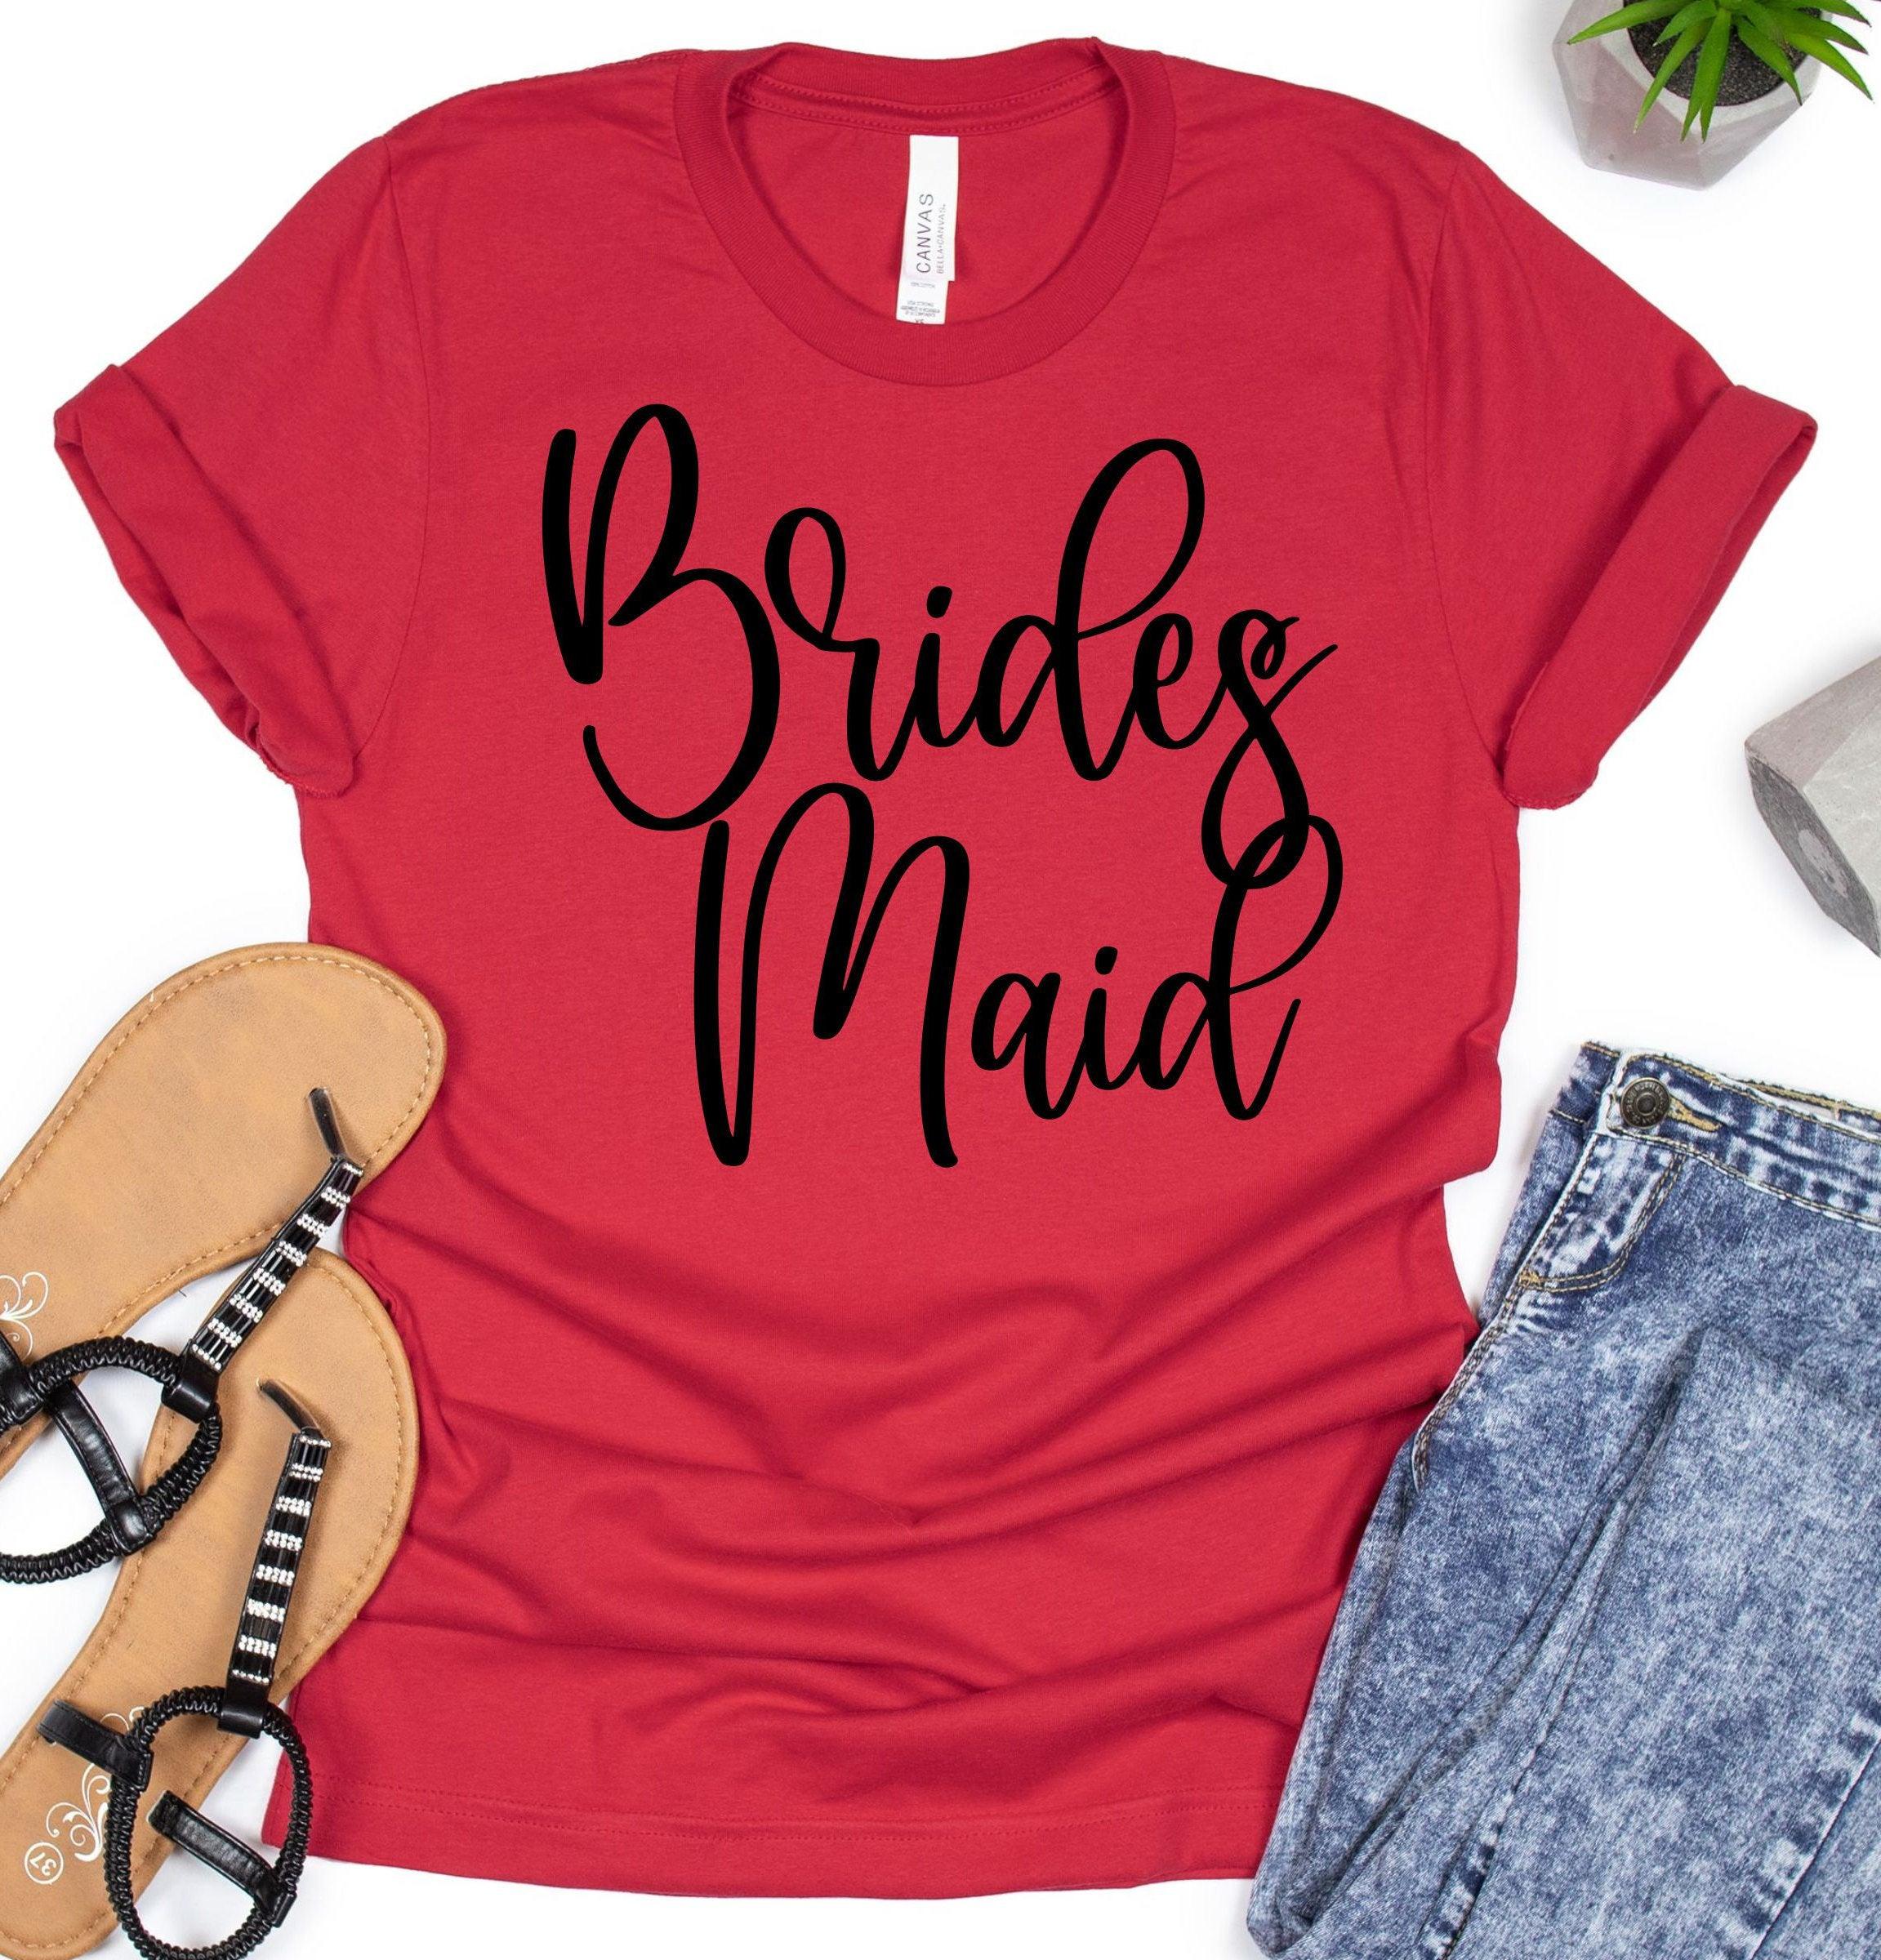 Bridesmaid-svg-squad-svg-bridesmaid-svg-bridal-party-svg-bride-svg-wedding-svg-design-bachelorette-svg-design-bridesmaid-cricut-svg-600a1408